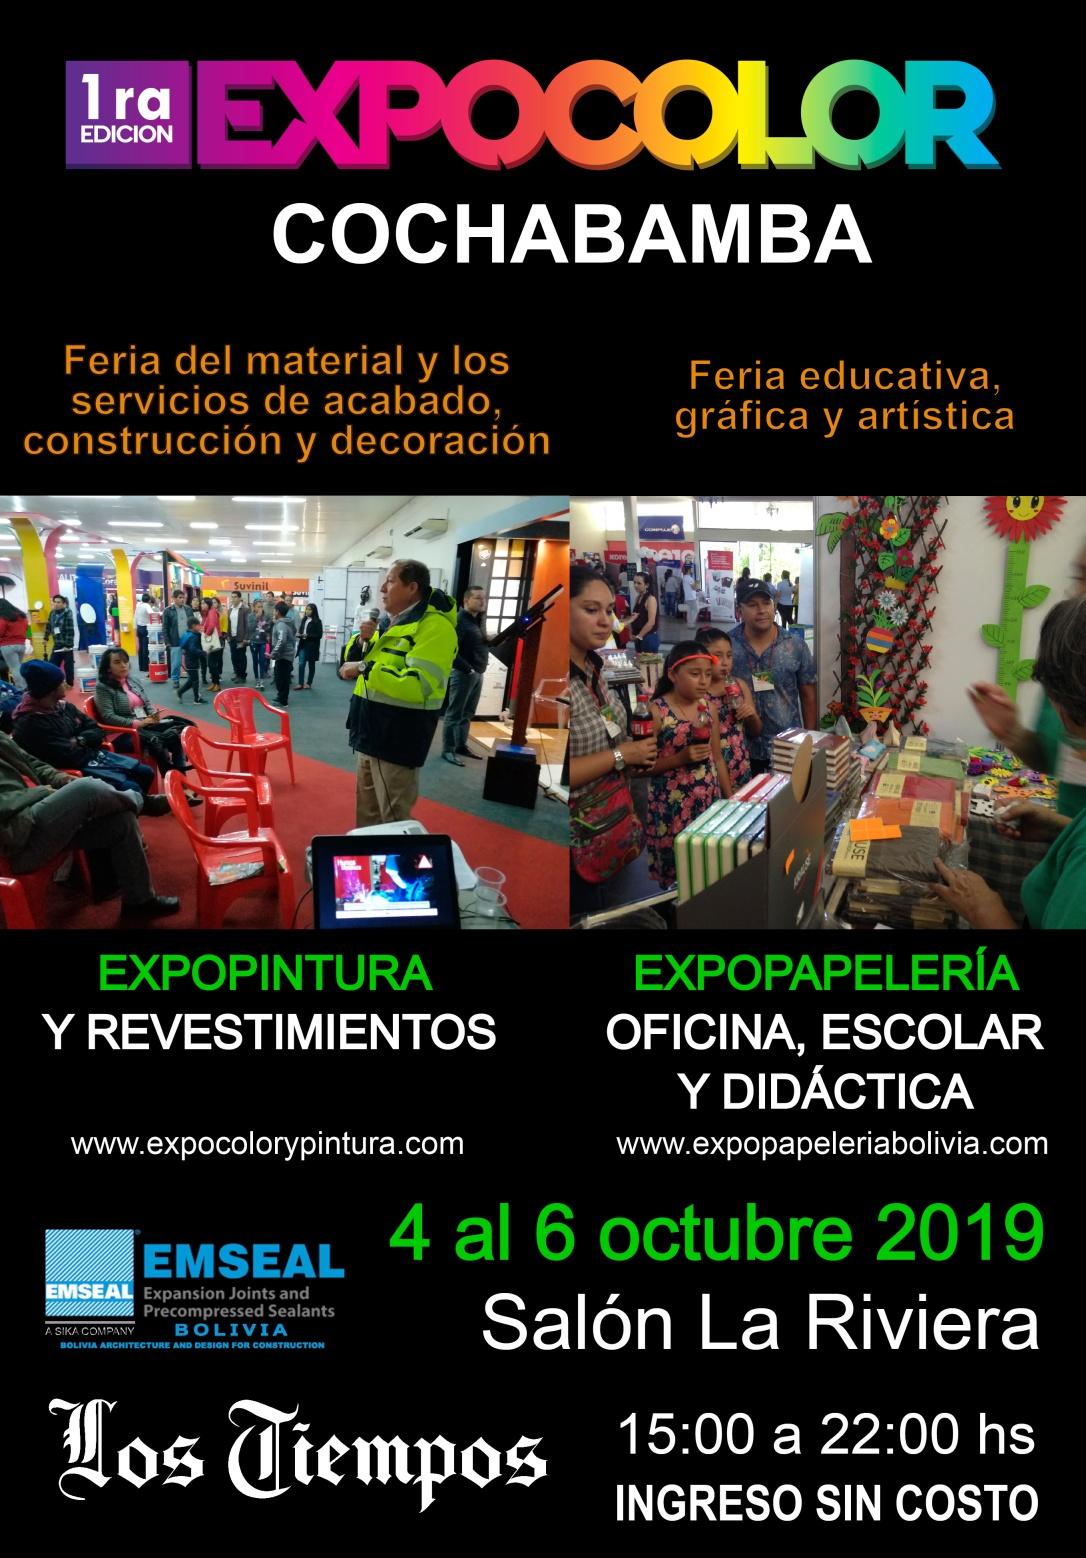 ArteExpoColorCochabamba2019b-01-01-01